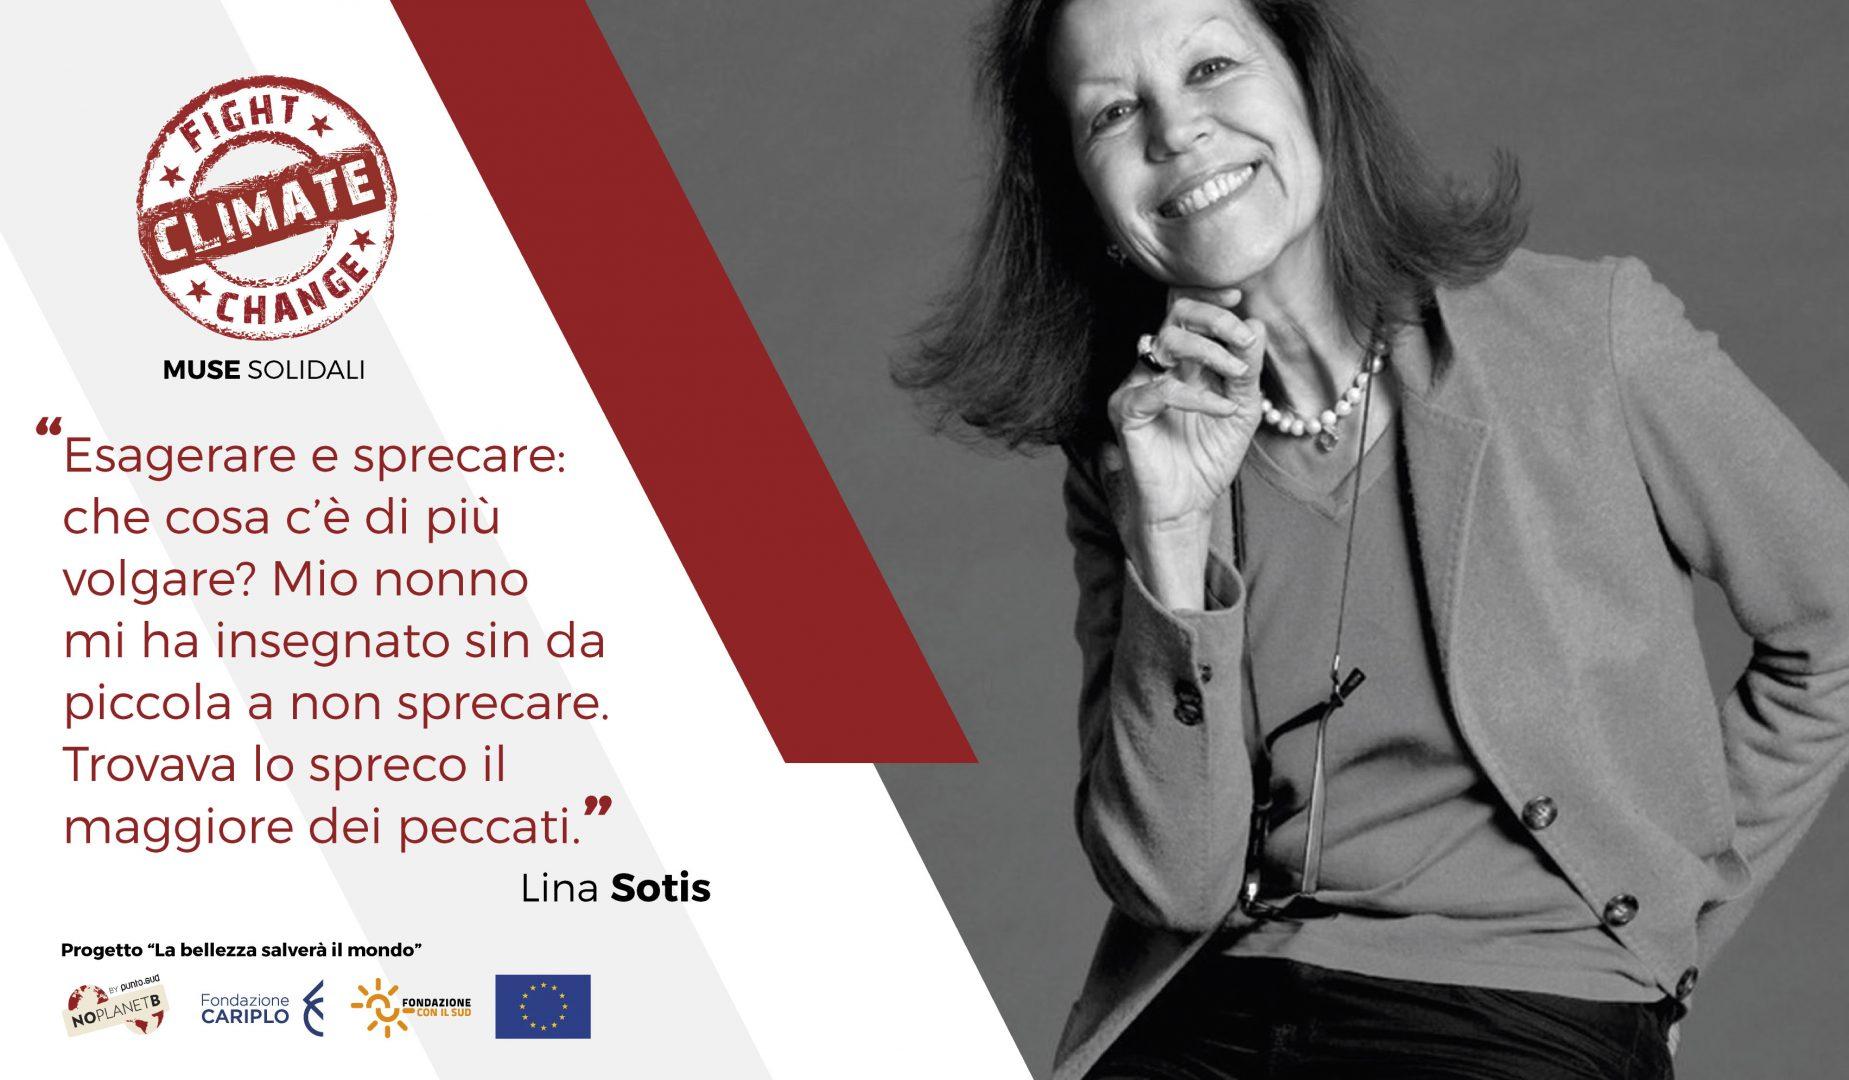 Lina-Sotis-pannello-120x70